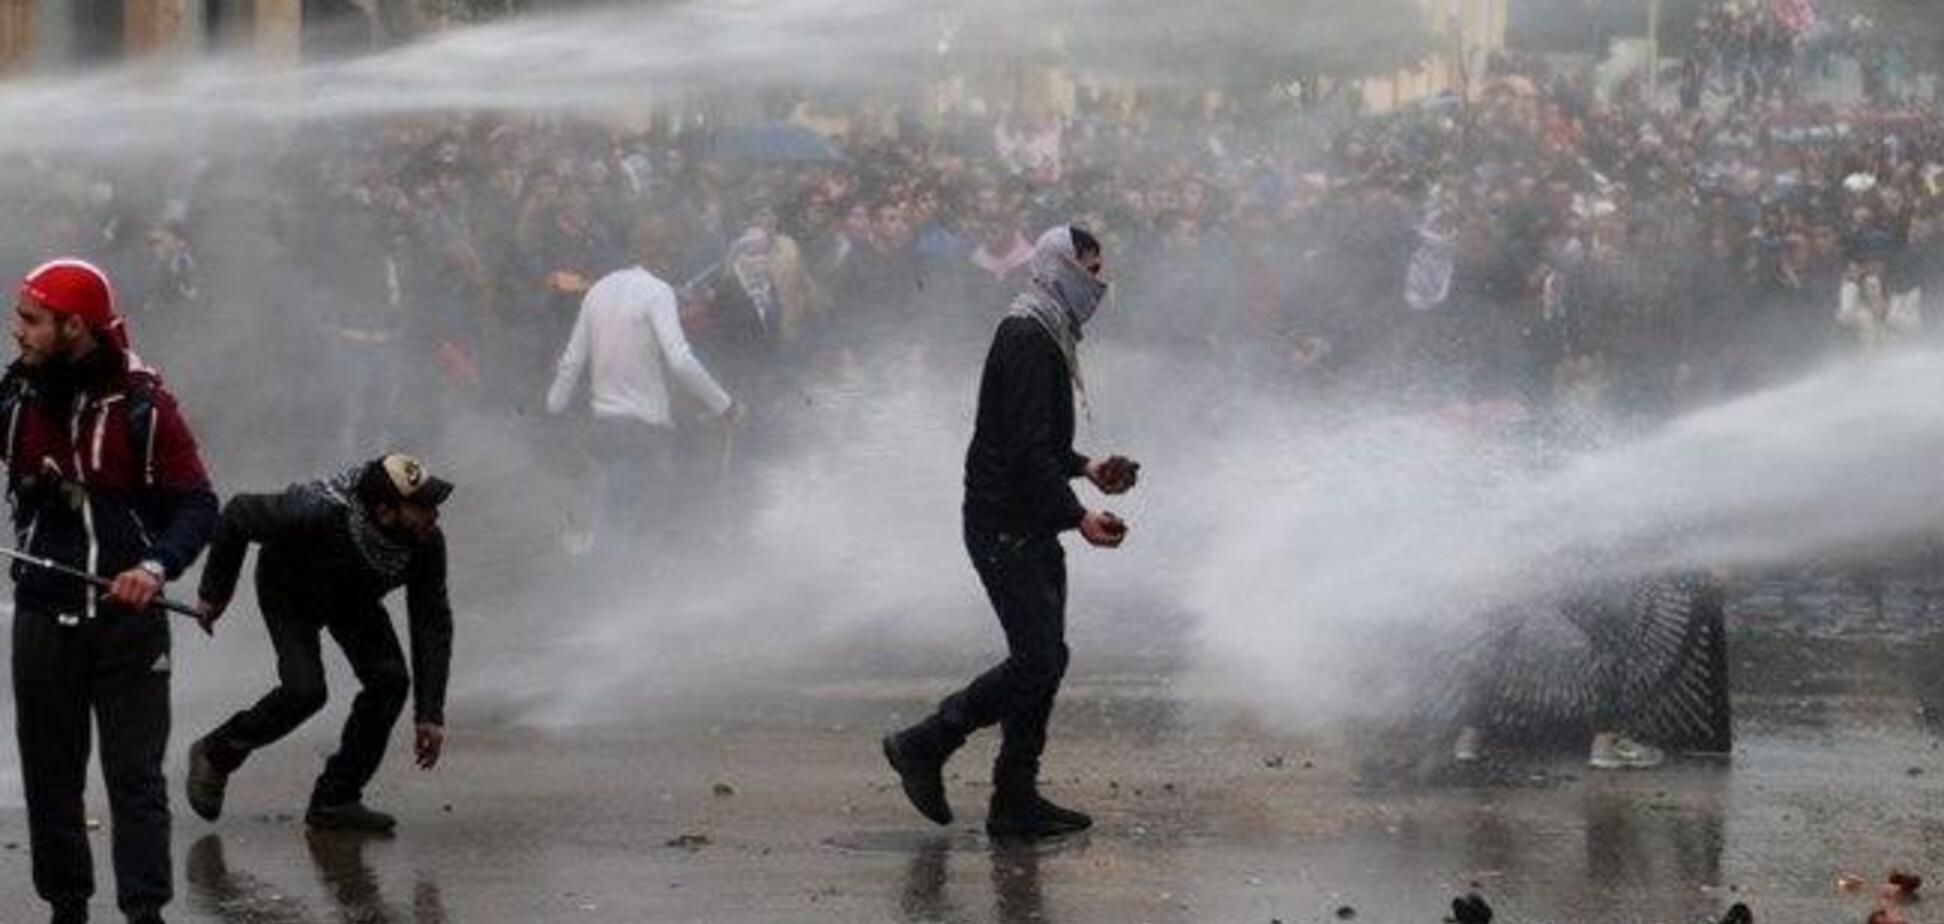 У Лівані розгорілися криваві протести: понад 200 постраждалих. Фото і відео